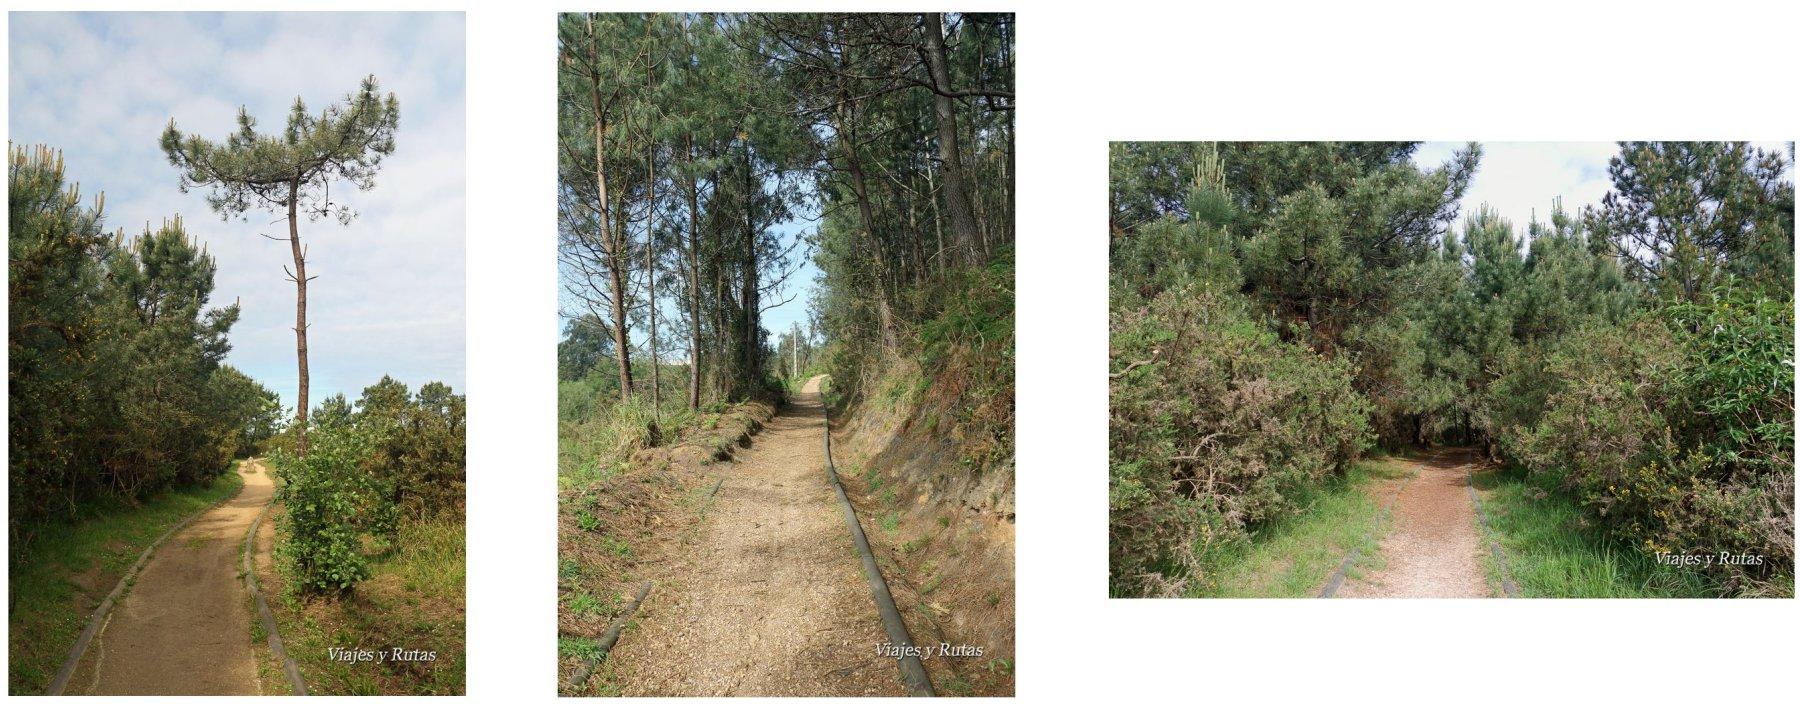 Ruta de Pinos Altos, Asturias